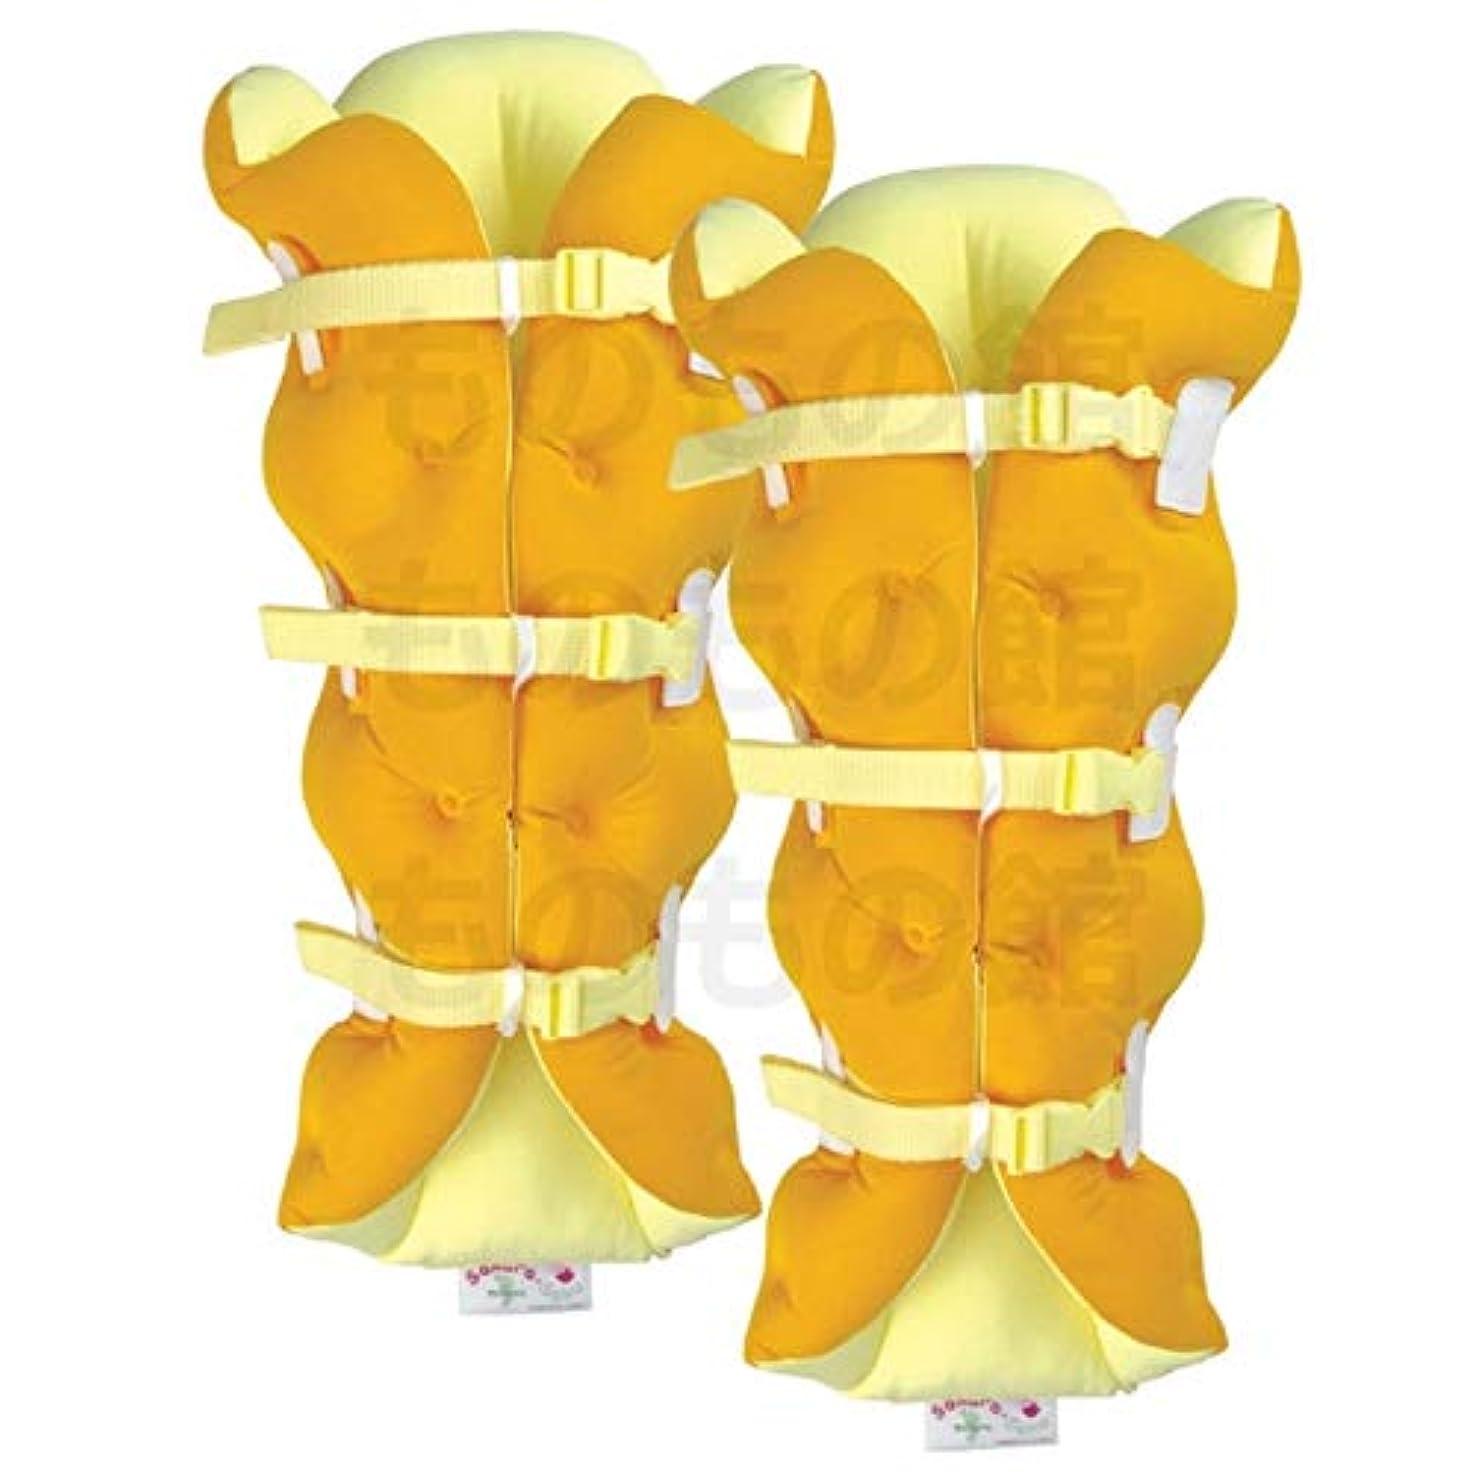 紳士レーニン主義取り除くサクラ咲く足まくら EVOLUTION (両足セット) オレンジ